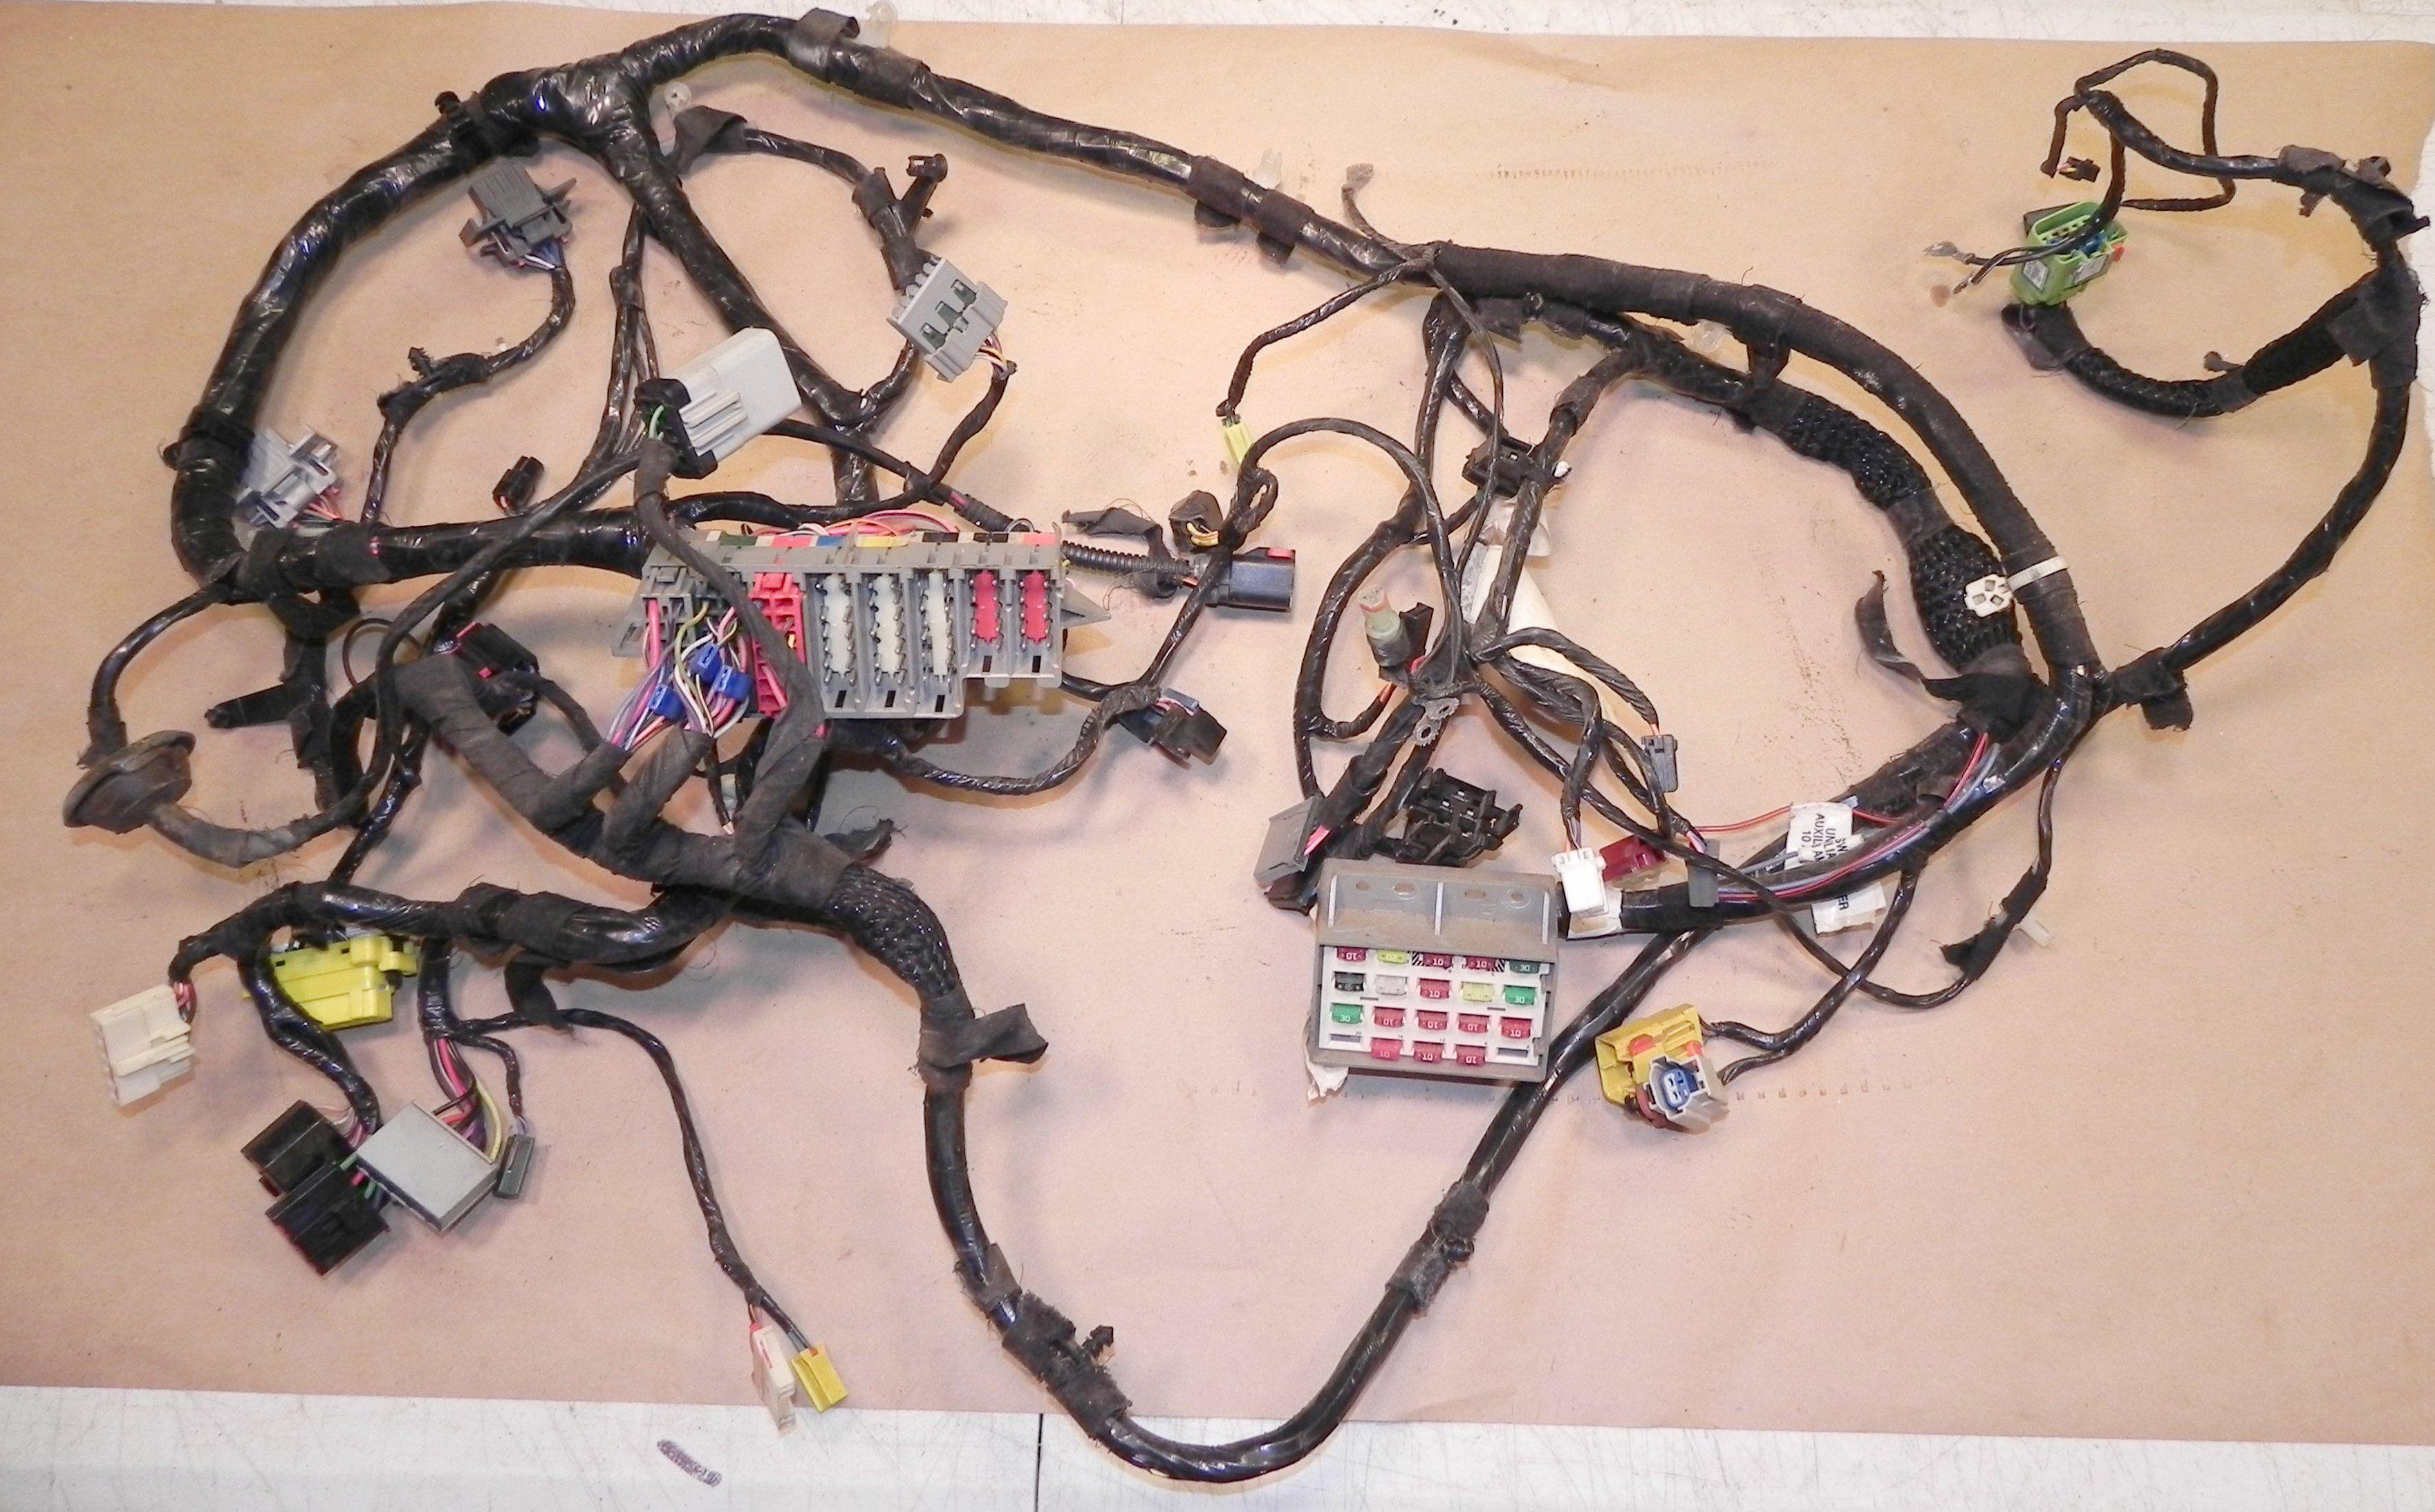 medium resolution of jeep tj dash wiring harness schematic wiring data 57649297c2bd3ef07cb8d97a9704fa07 jeep tj dash wiring harness schematichtml jeep wrangler tj 2000 wiring